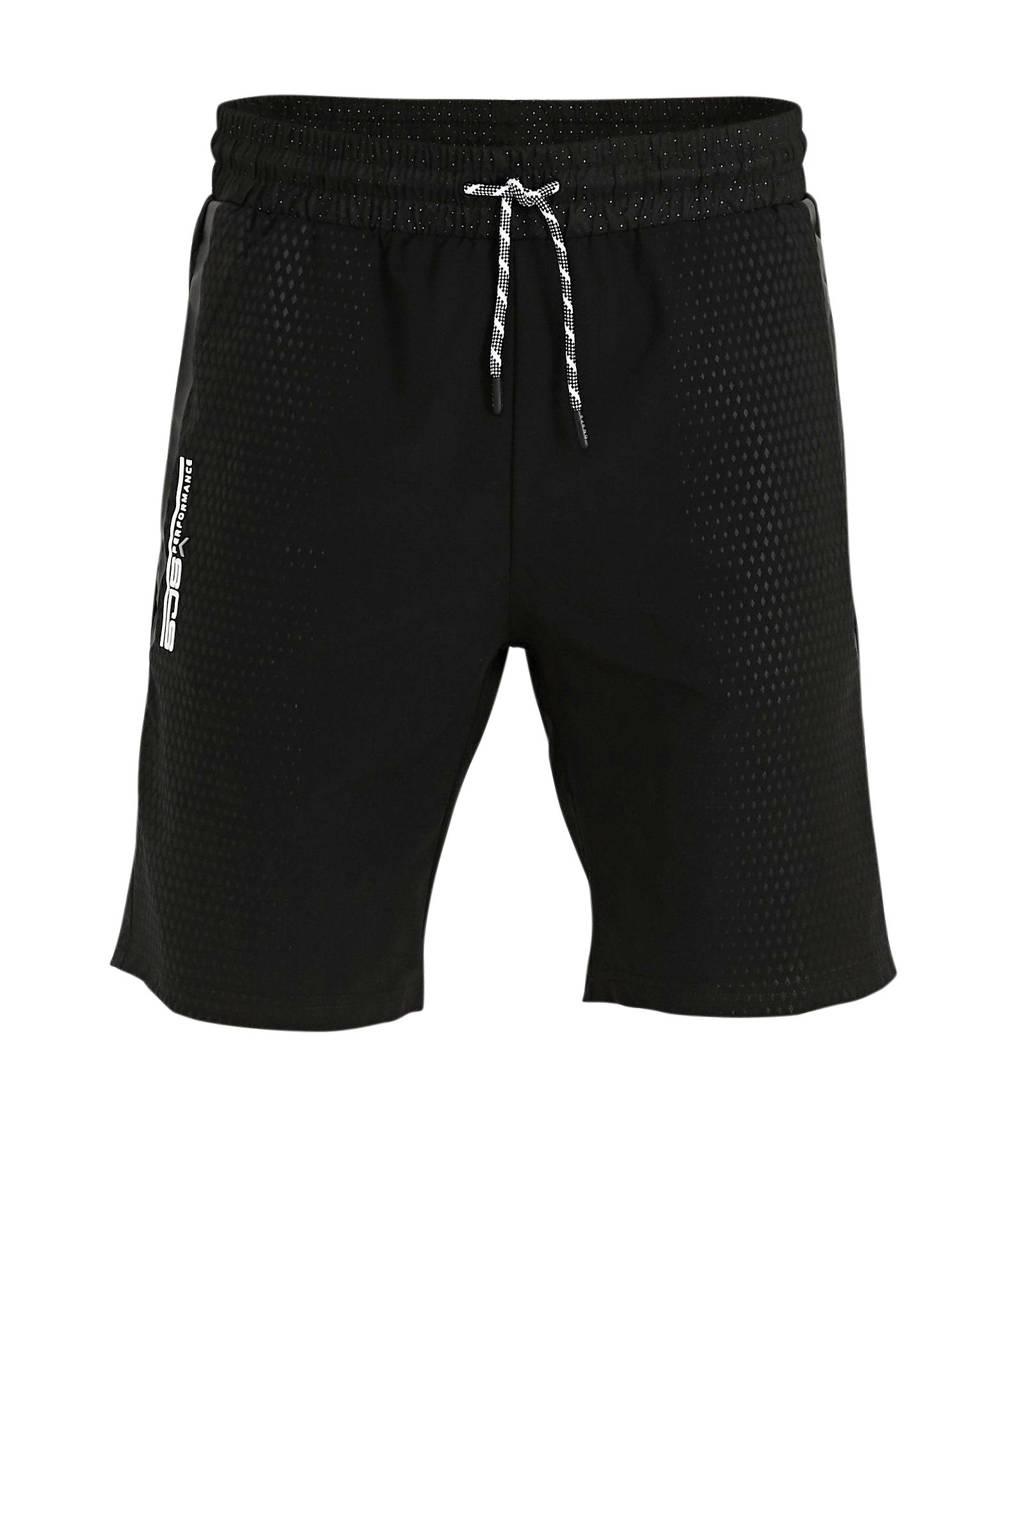 Sjeng Sports   short Calico zwart, Zwart